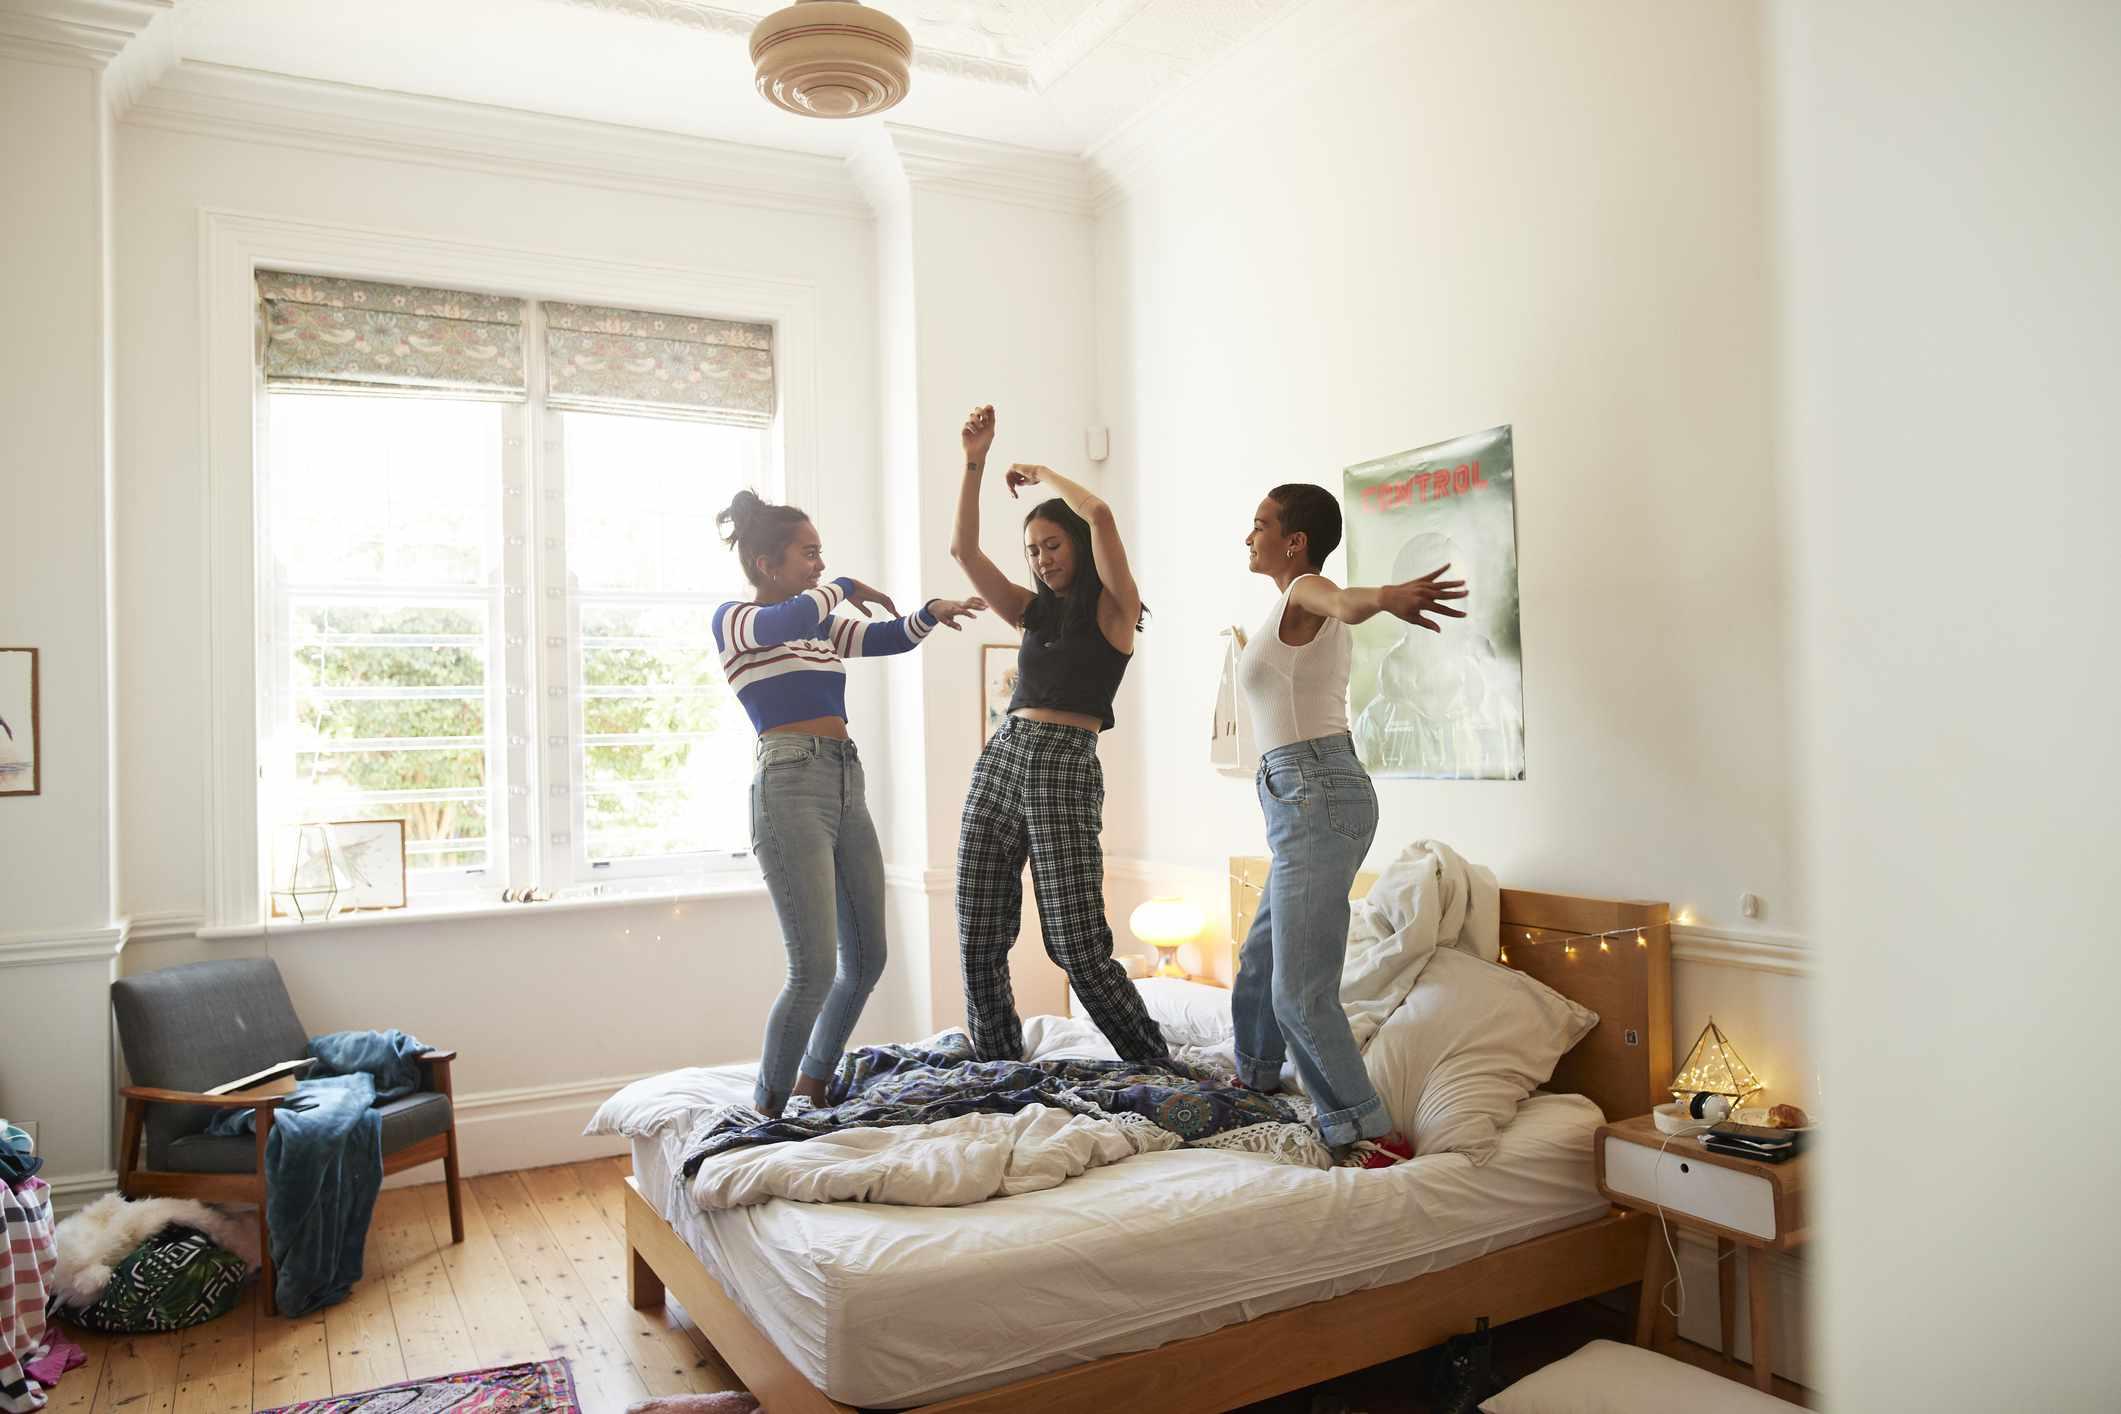 dancing at home